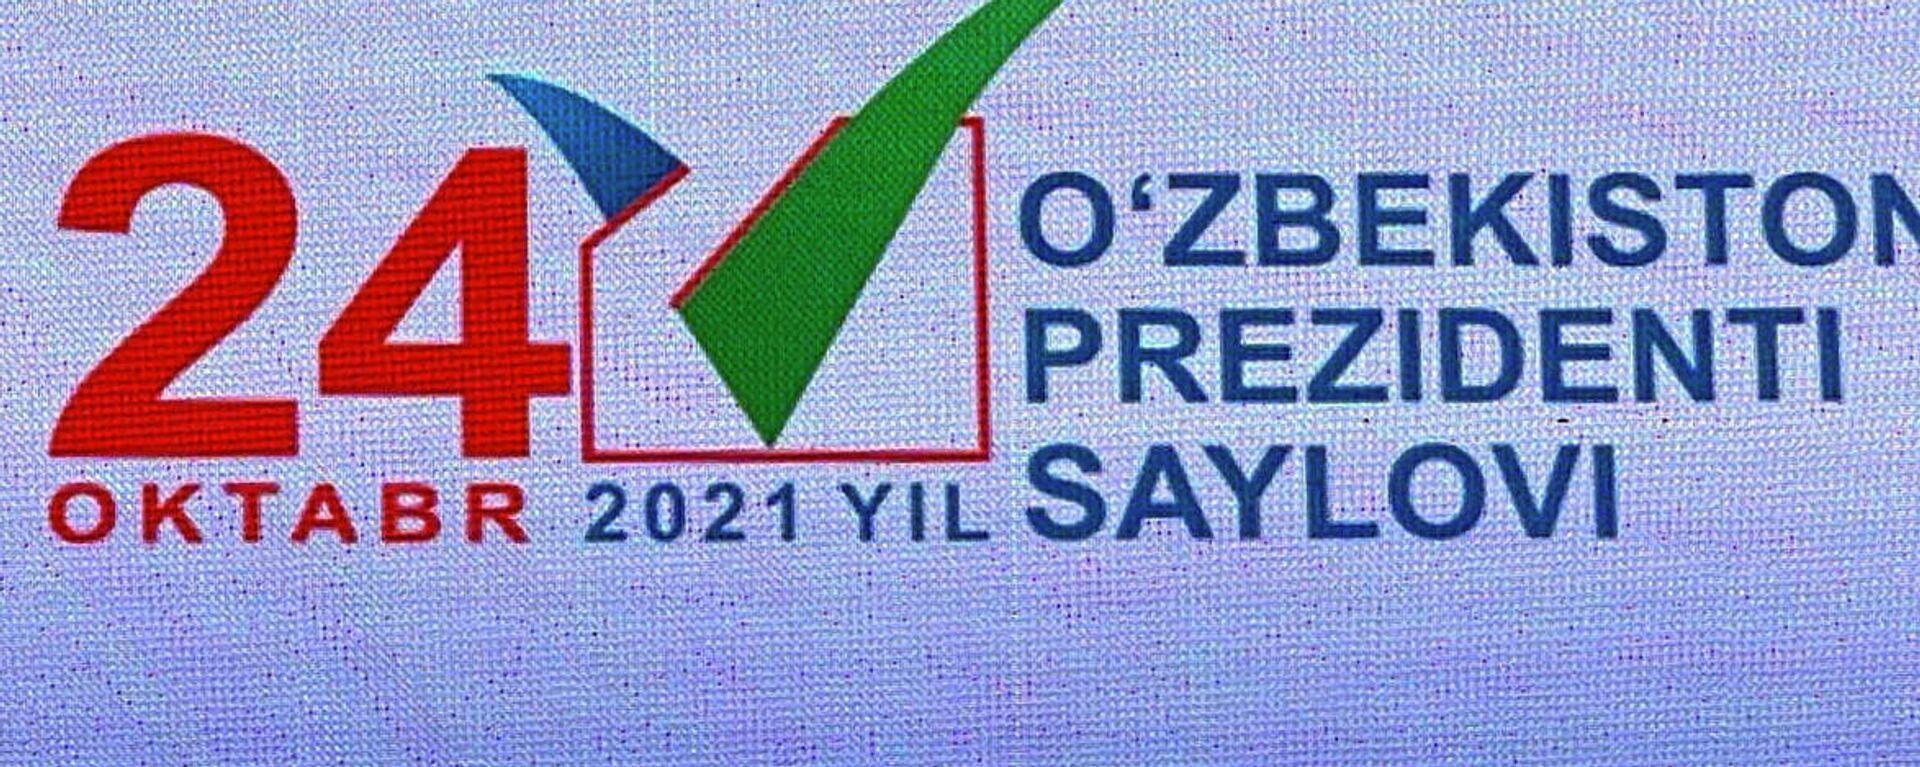 V Tashkente sostoyalas prezentatsiya logotipa prezidentskix vыborov - Sputnik Oʻzbekiston, 1920, 28.07.2021